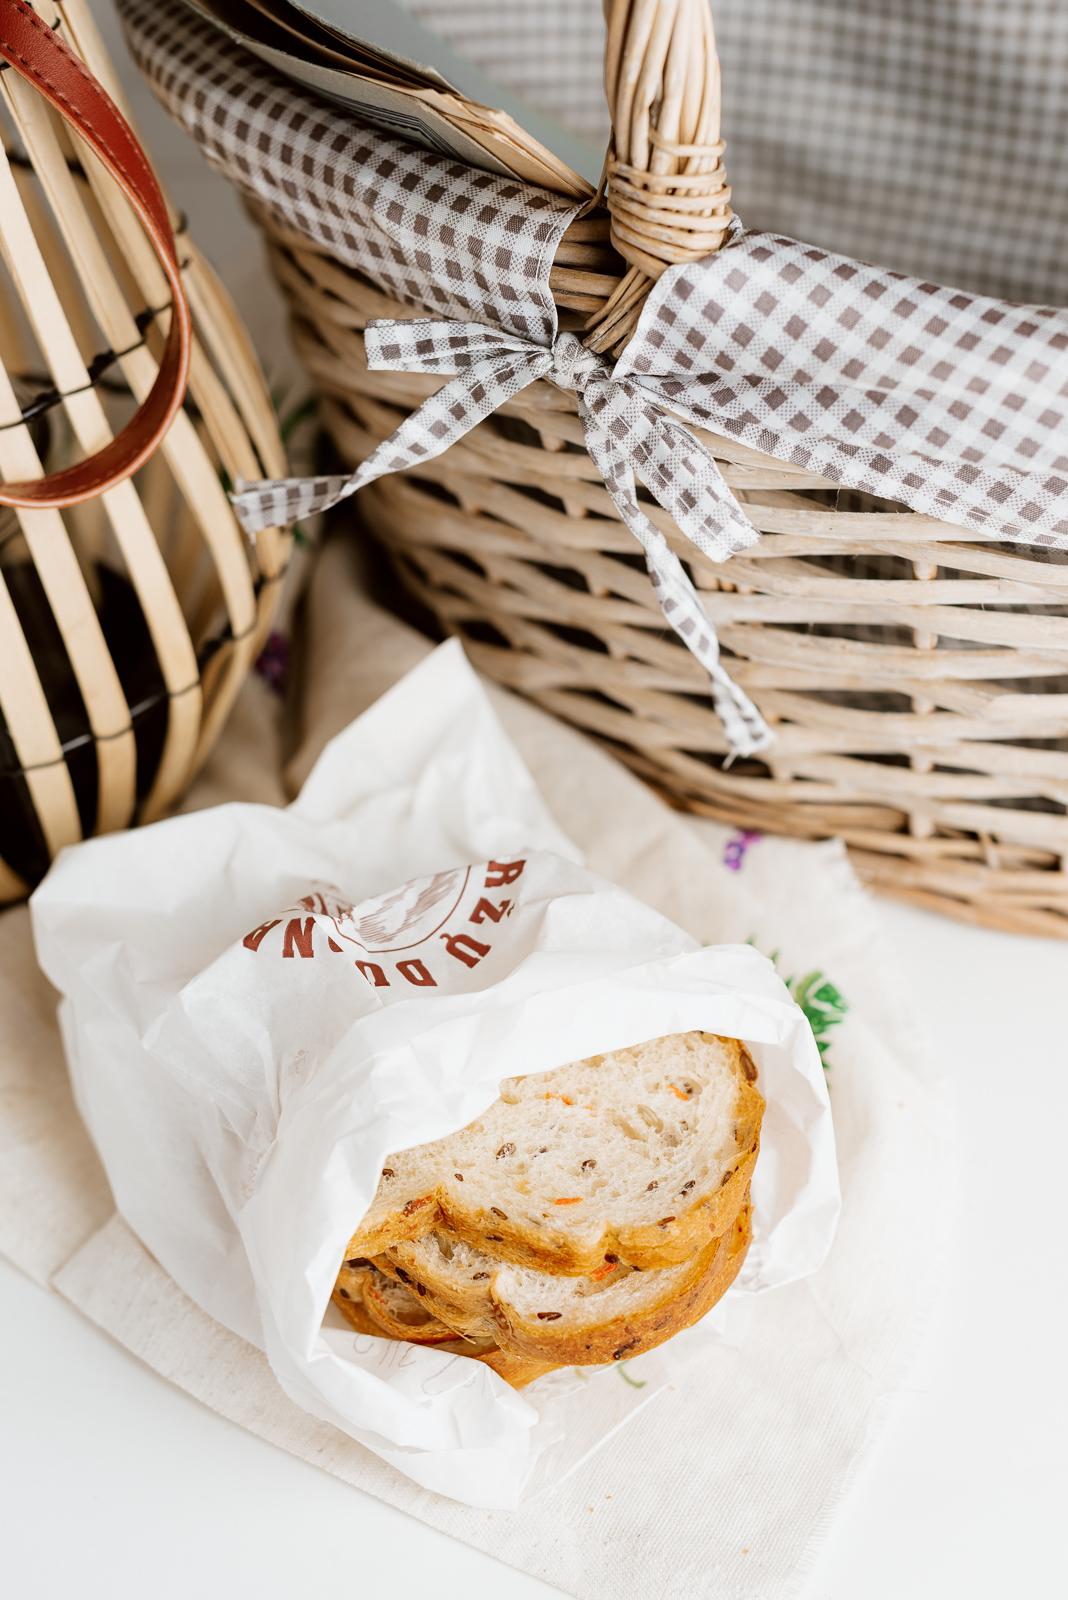 Mortos sumuštinių duona su sėklomis